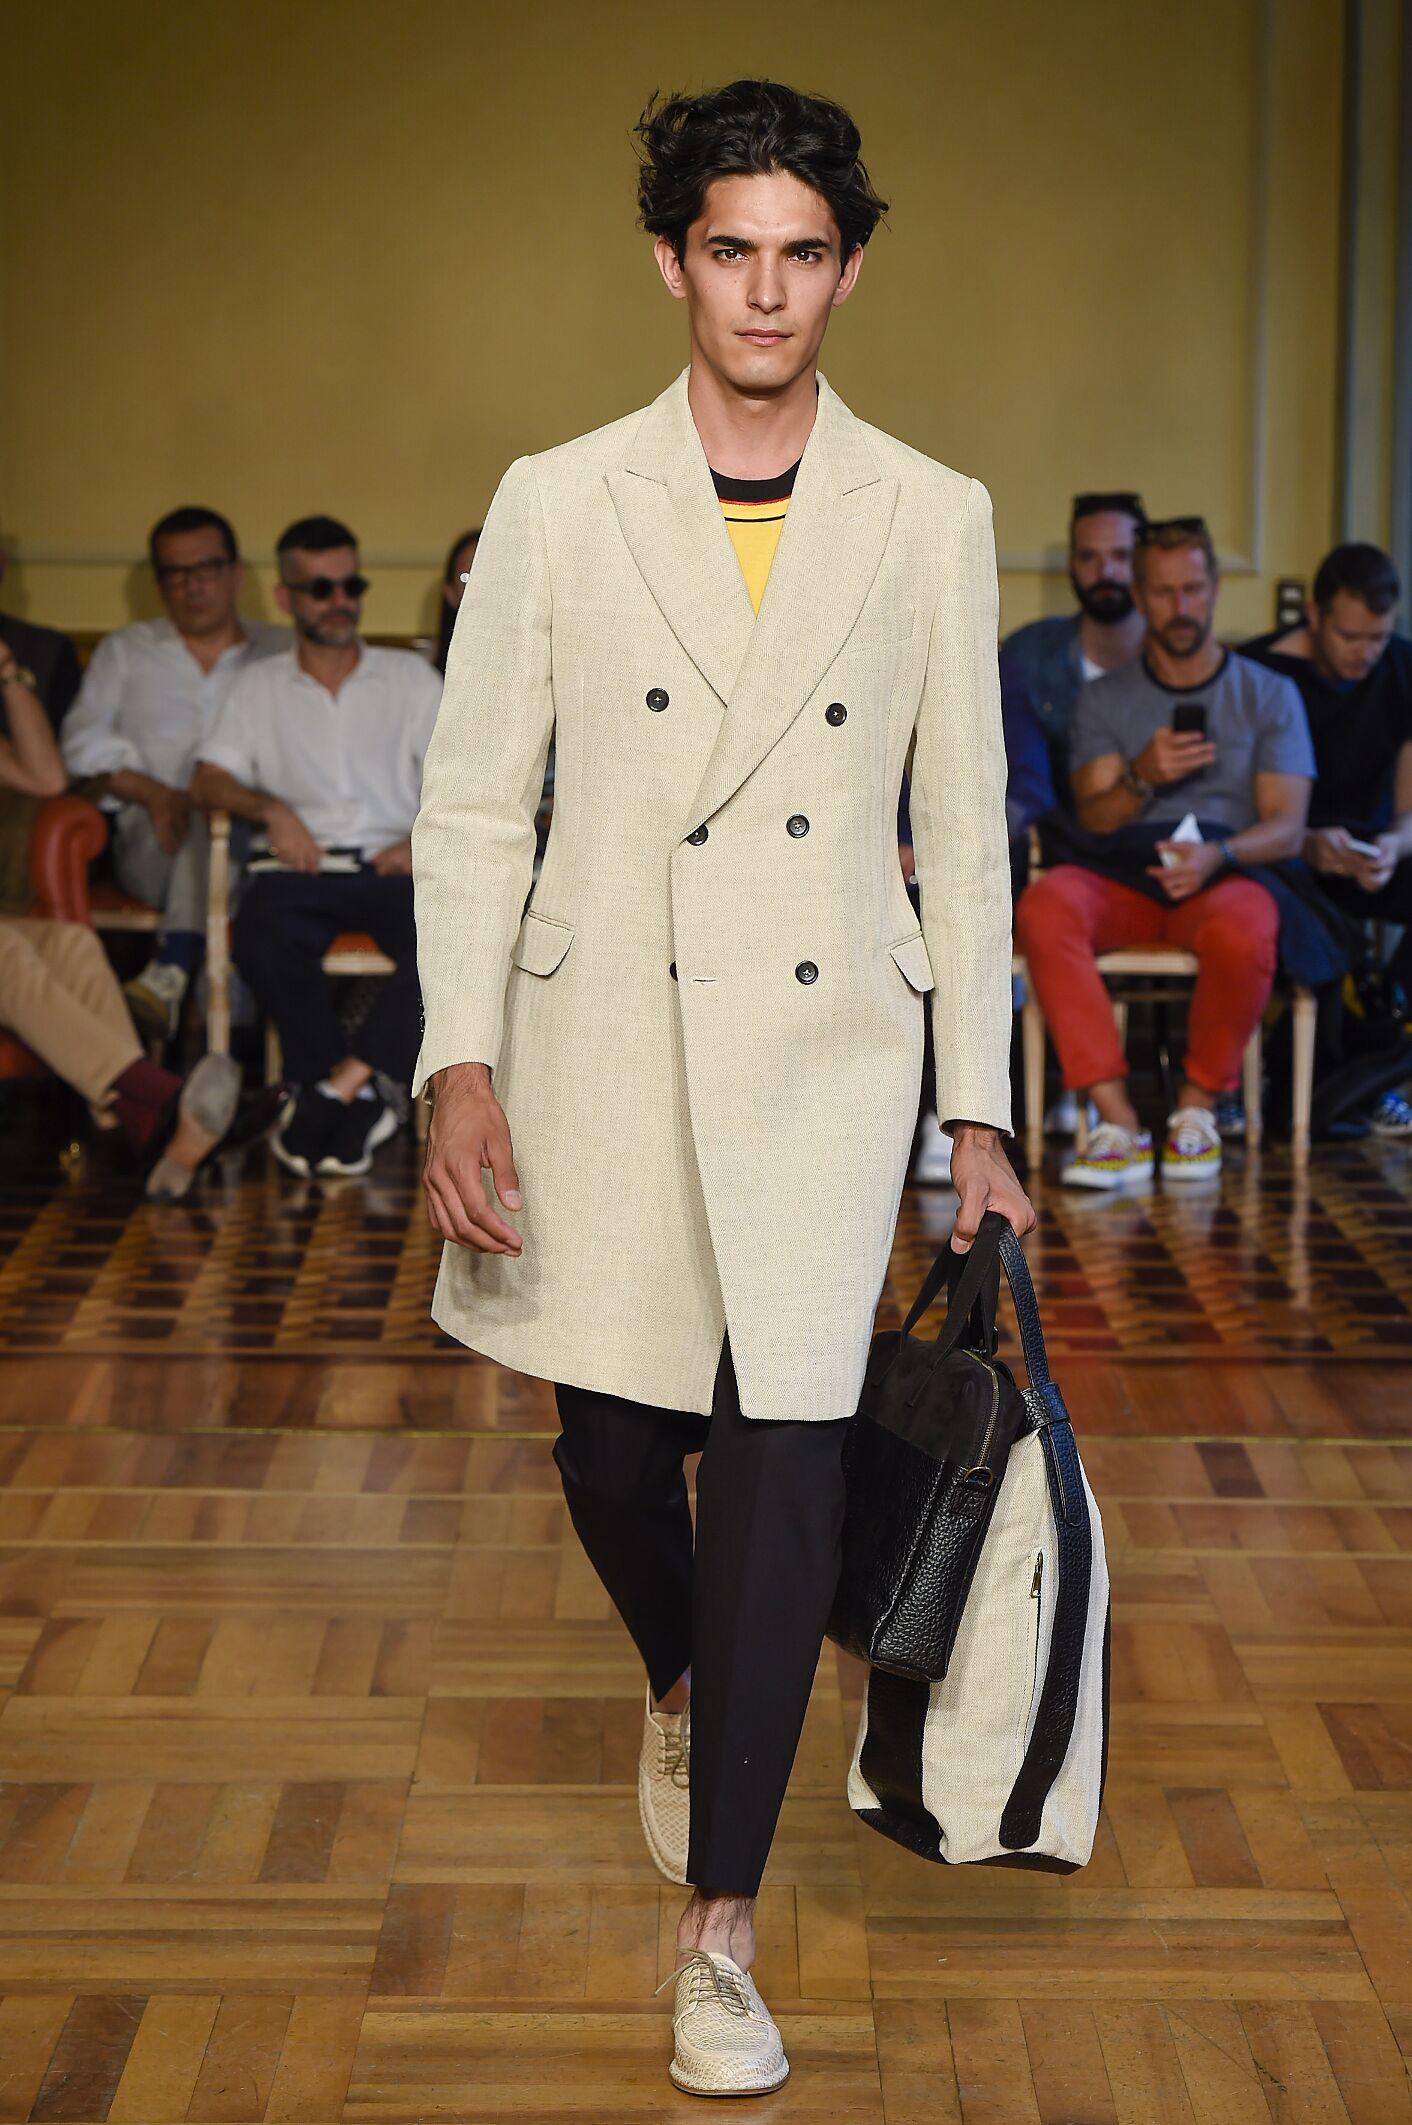 Spring Summer 2015 Fashion Model Andrea Incontri